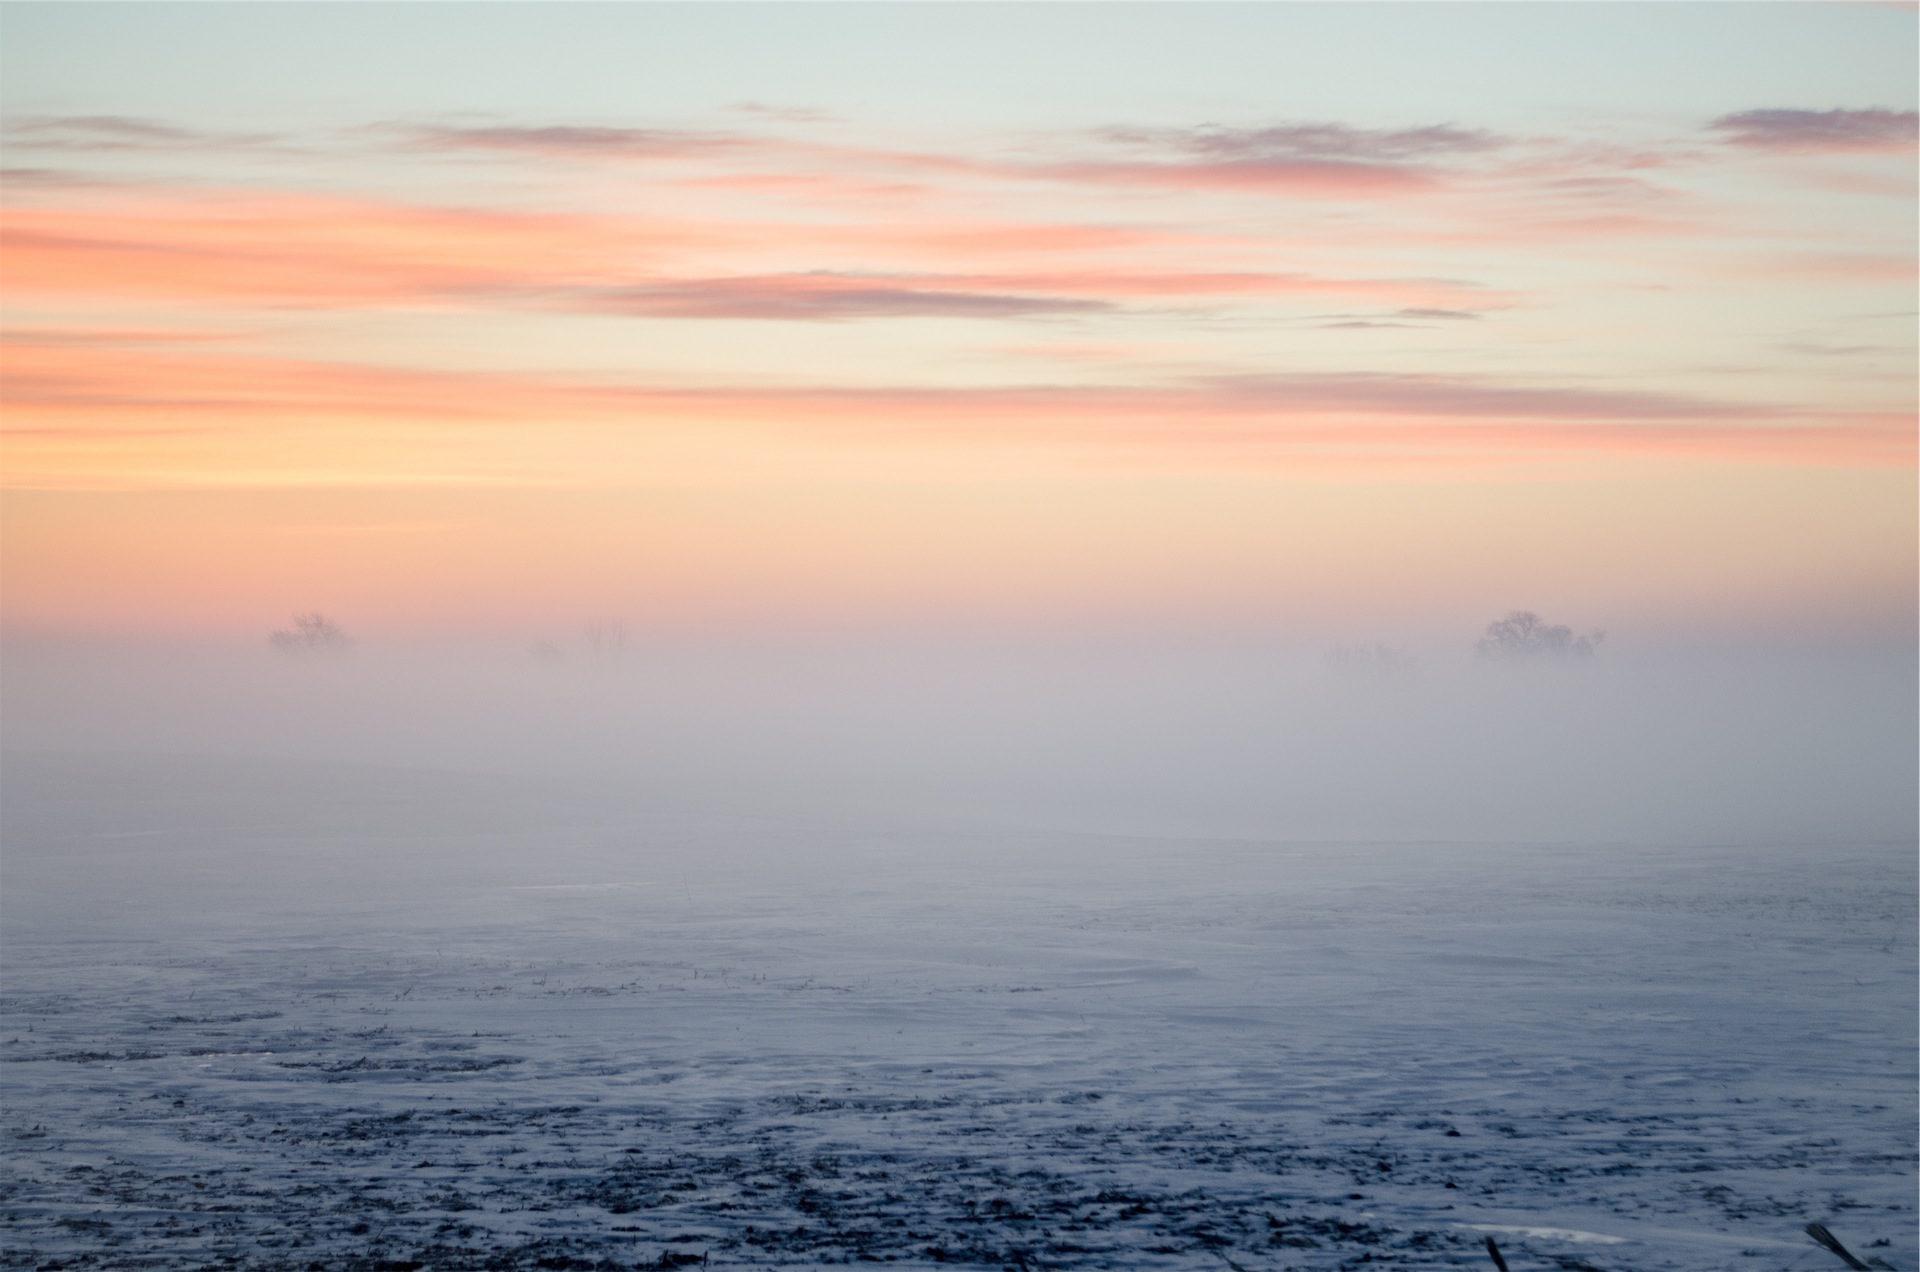 neve, nevoeiro, Rocio, amanhã, Céu, nuvens, Rosas - Papéis de parede HD - Professor-falken.com